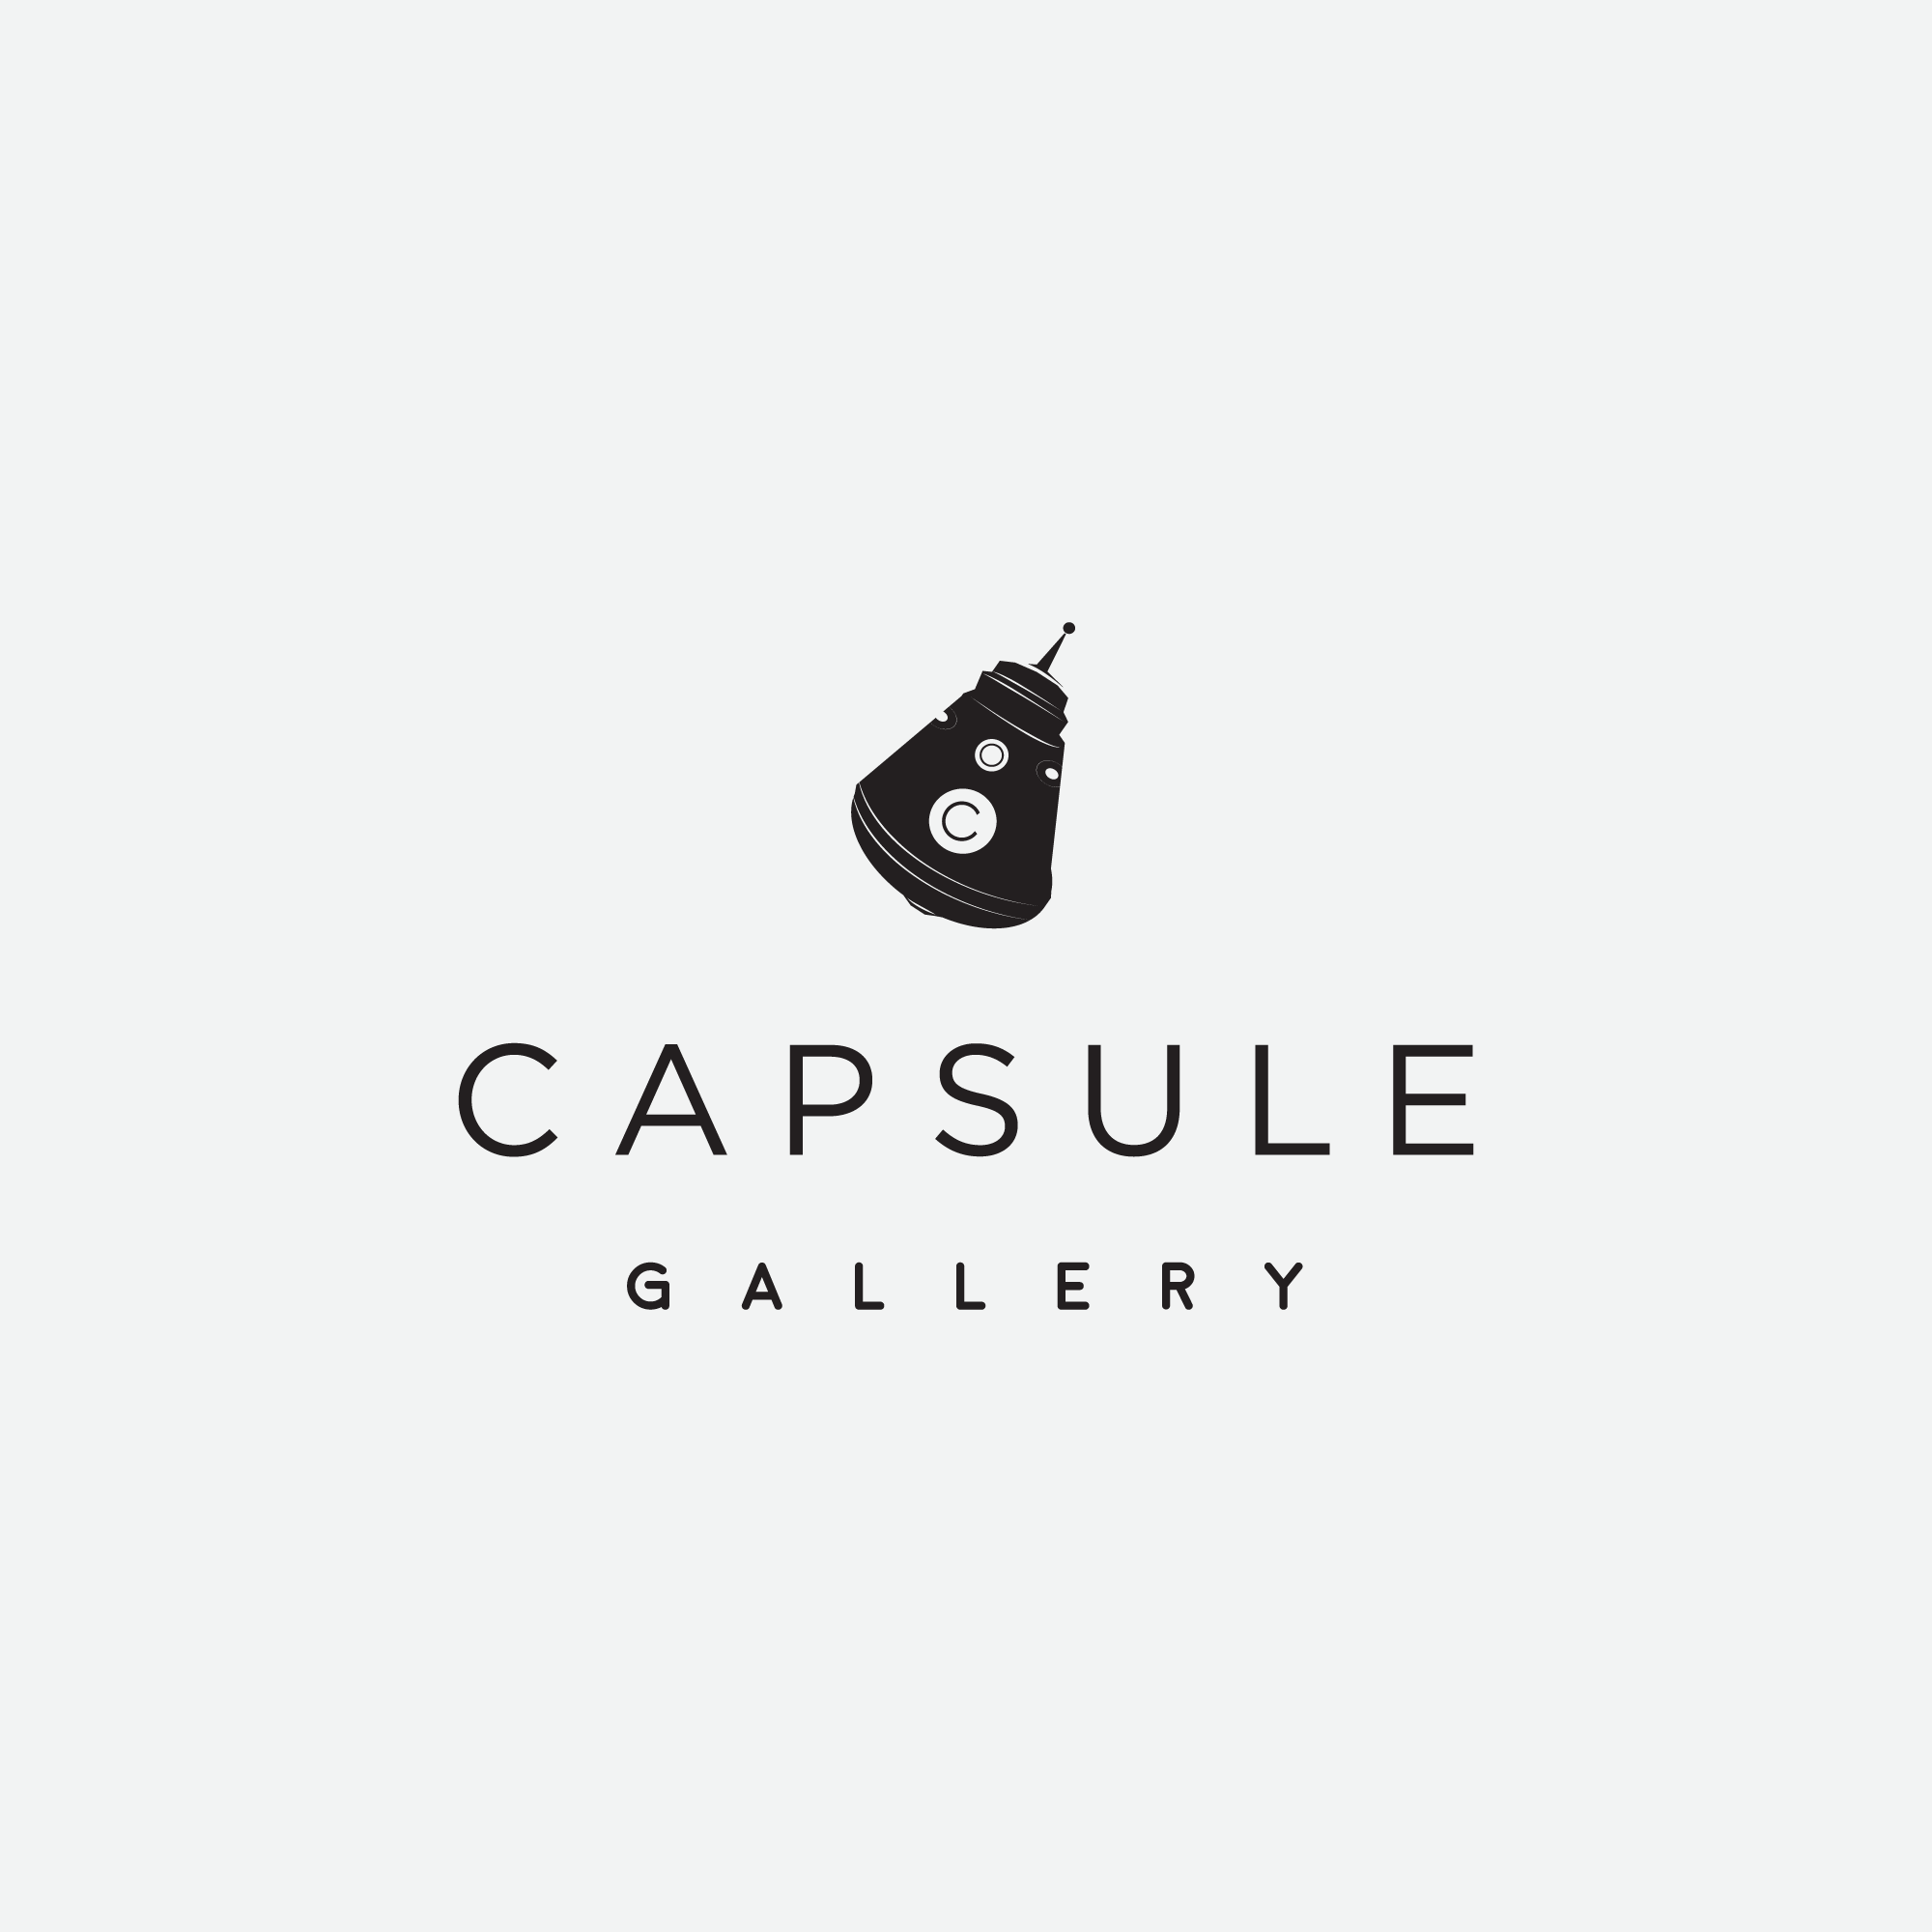 Capsule Gallery - 2016